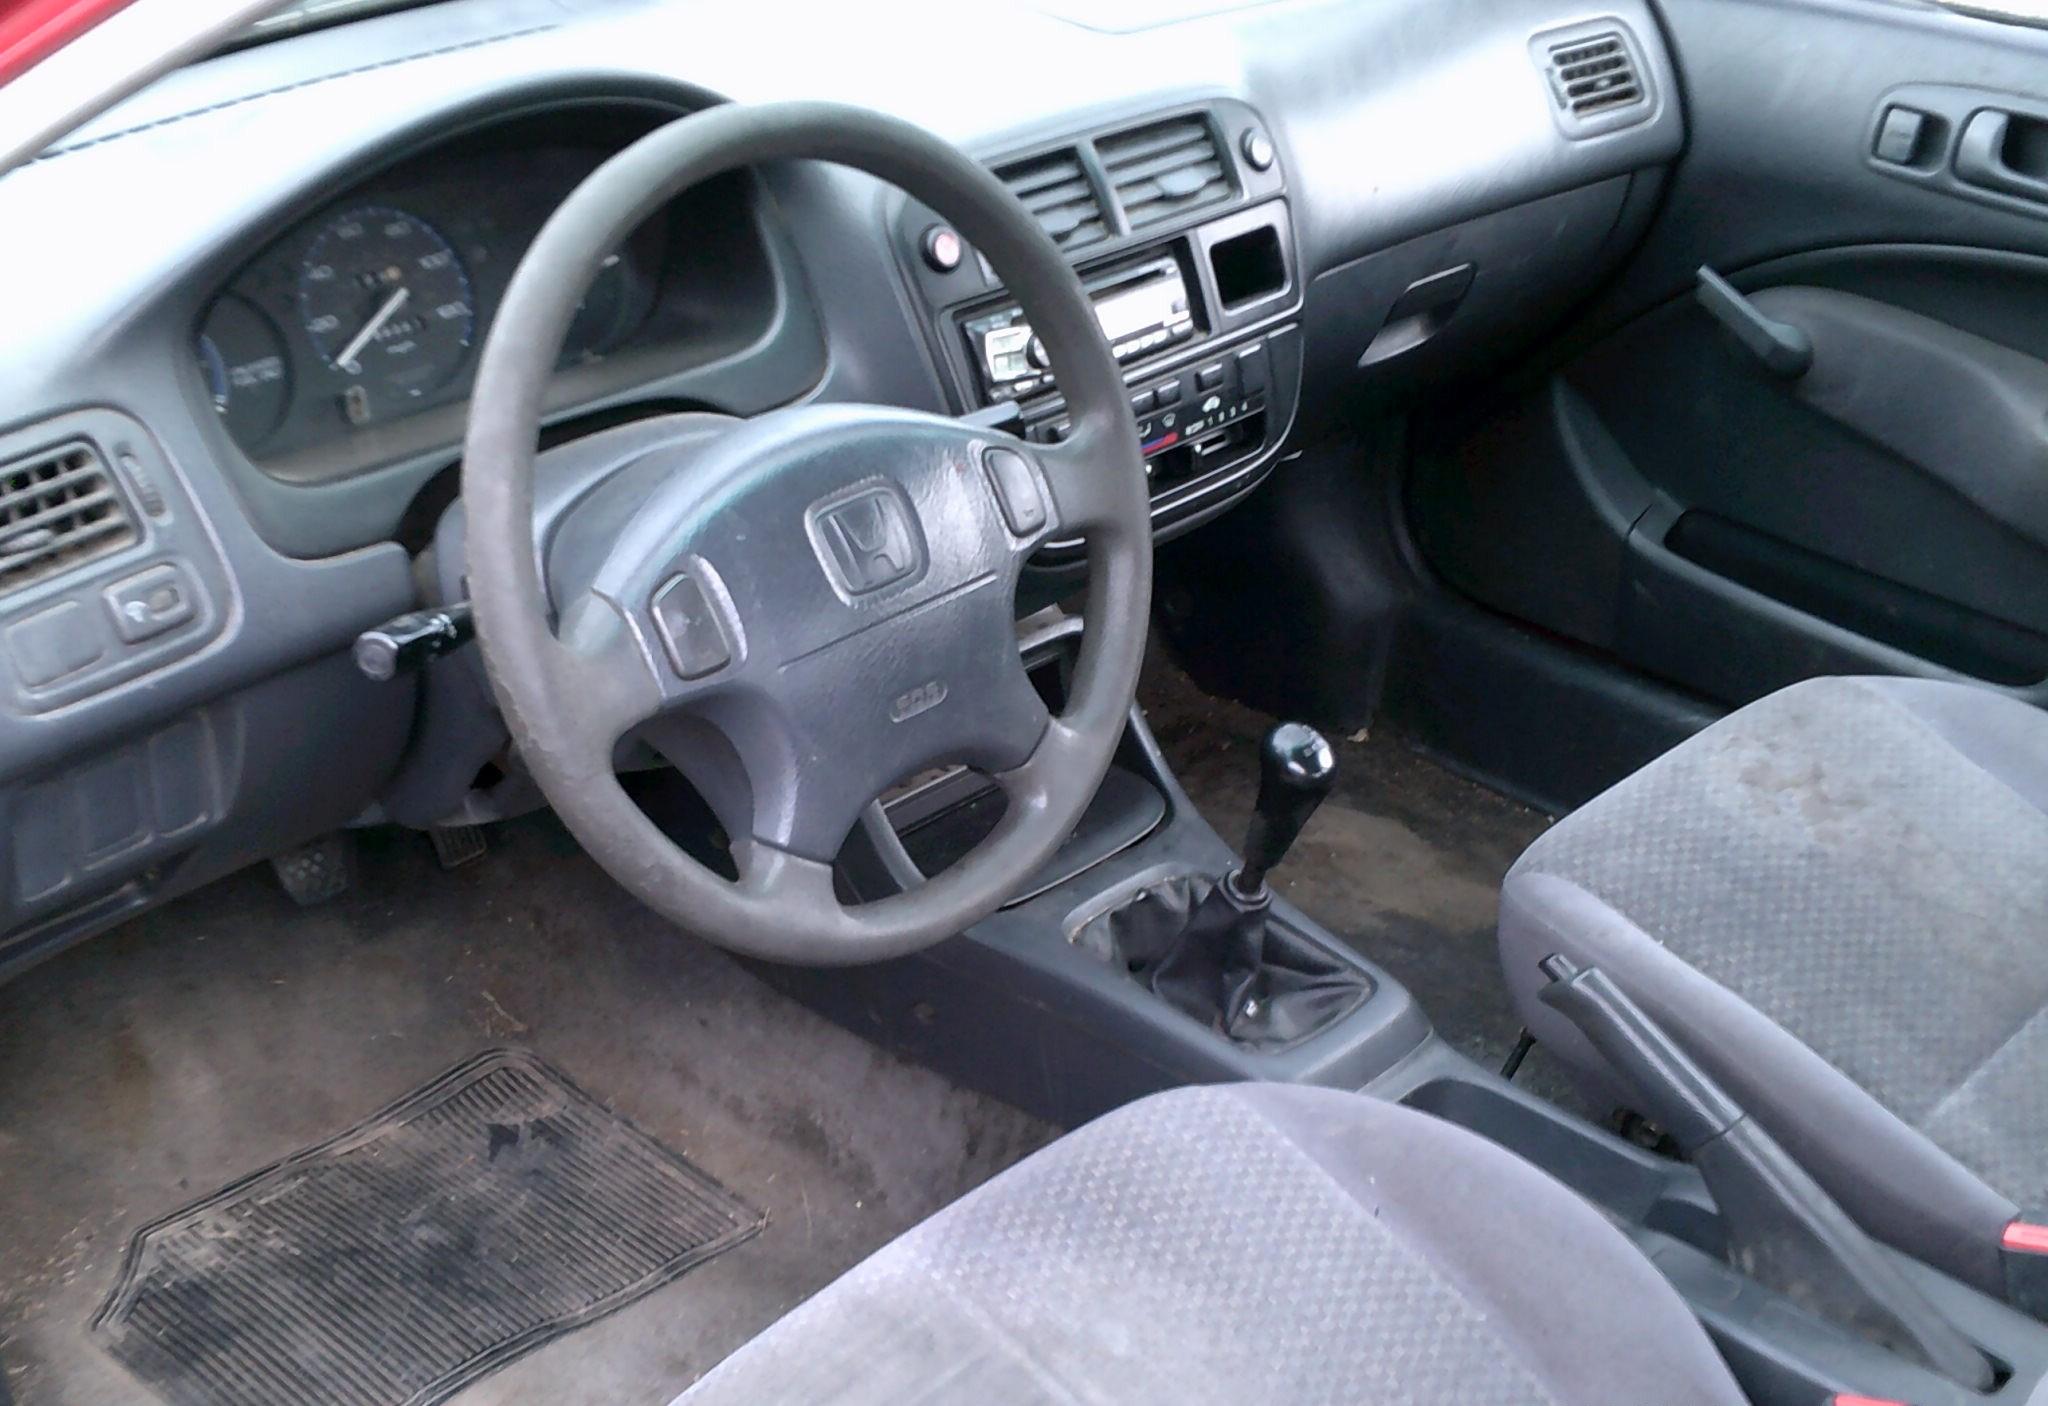 98 civic interior view mr auto